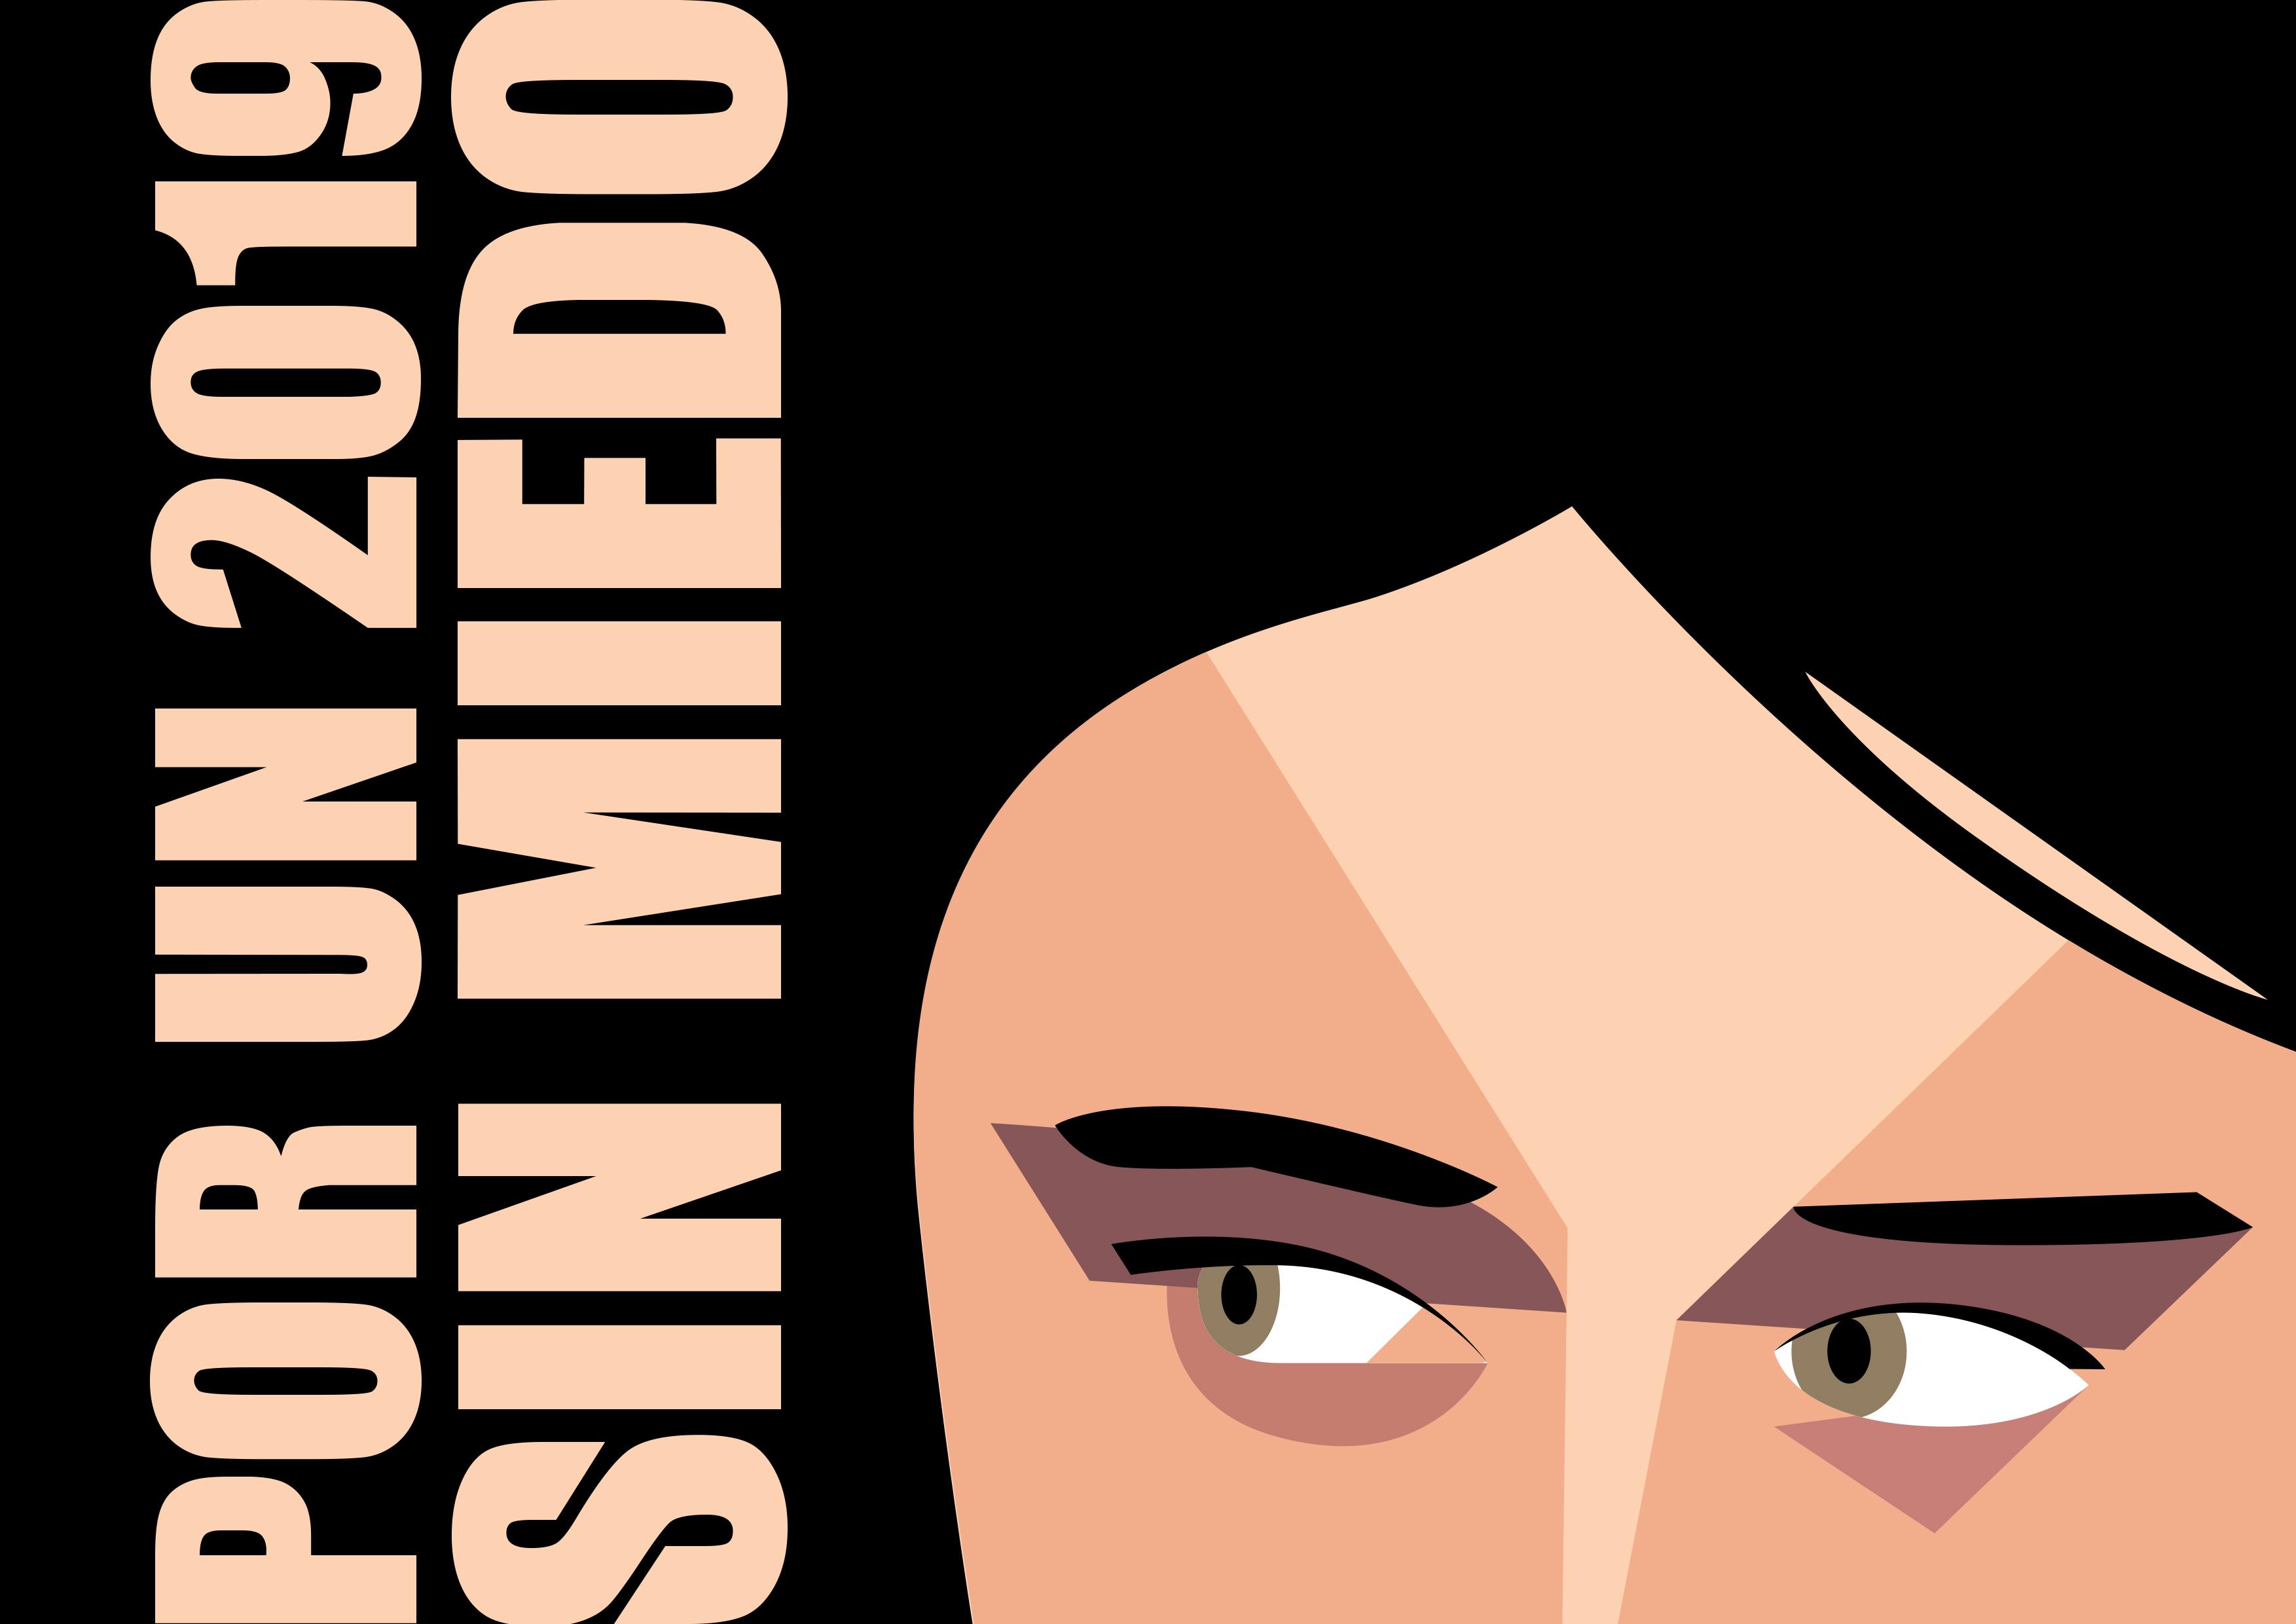 Por un 2019 sin miedo by Luis Miguel Munilla - Creative Work